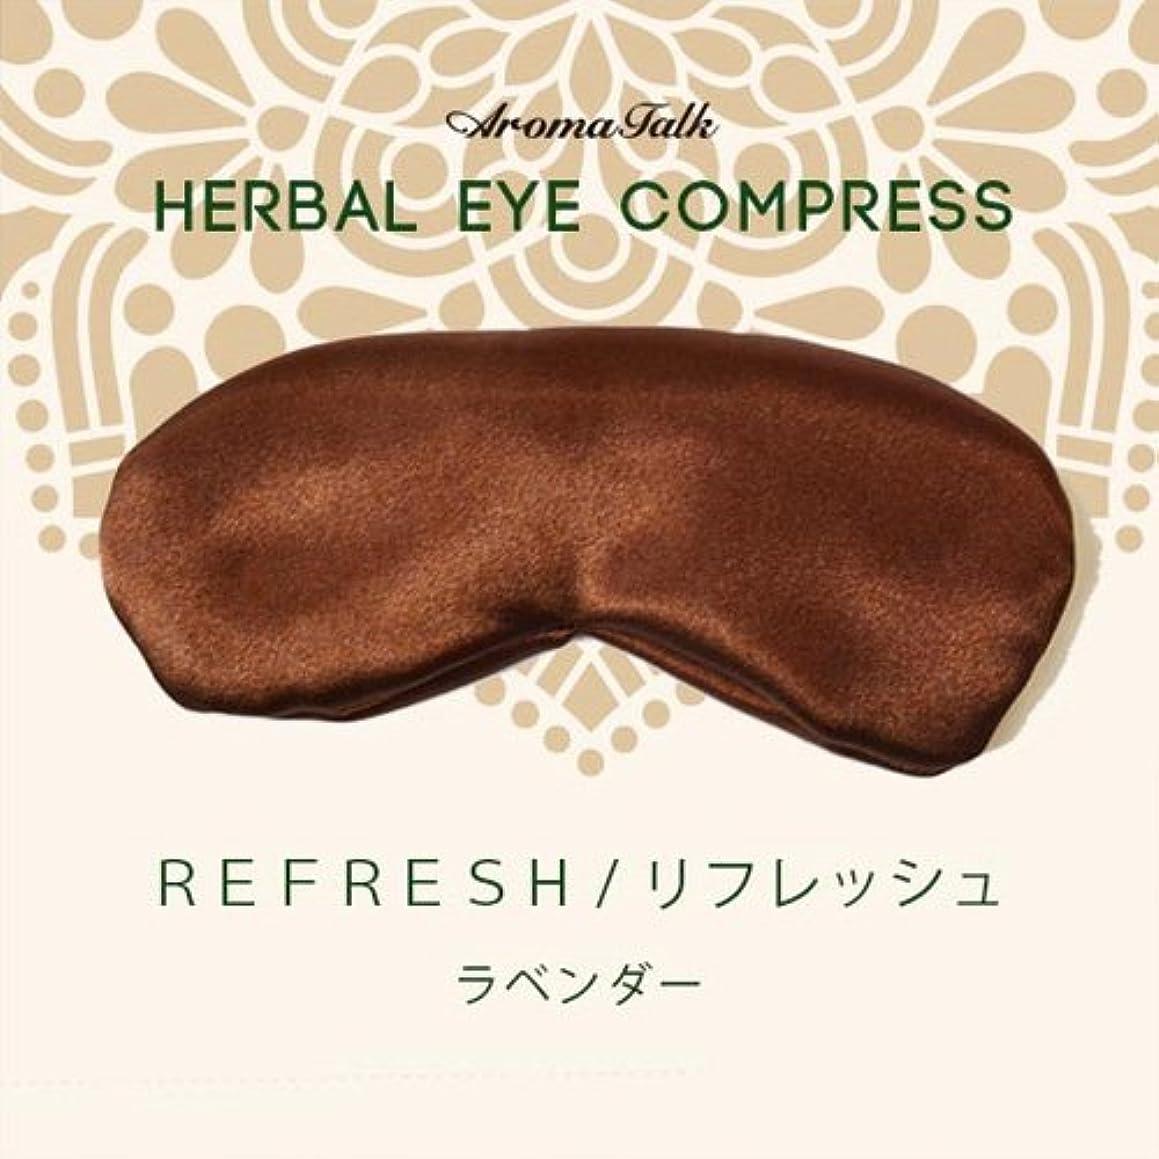 才能不実ネズミハーバルアイコンプレス「リフレッシュ」茶/ラベンダーの爽やかなリラックスできる香り